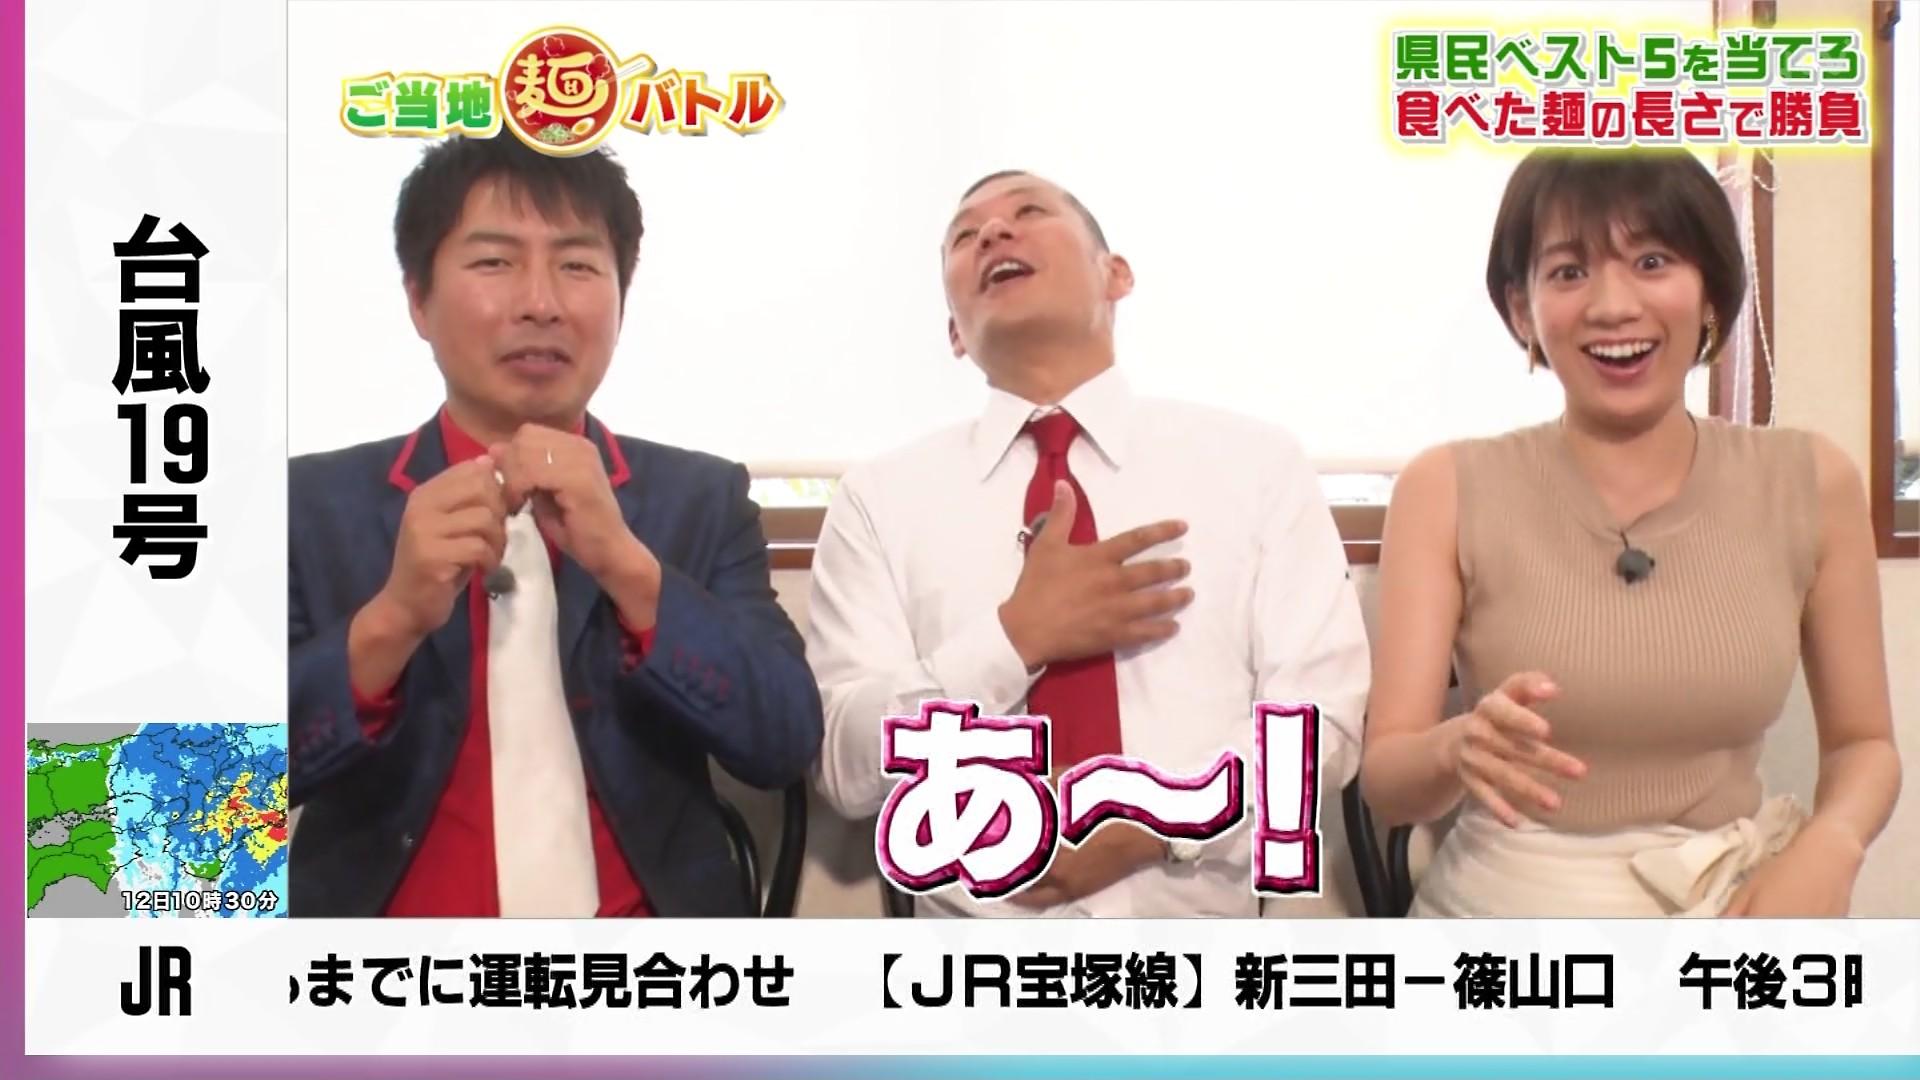 2019年10月12日に放送された「食べた麺の長さで勝負! ご当地麺バトル」に出演したタレント・佐藤美希さんのテレビキャプチャー画像-027